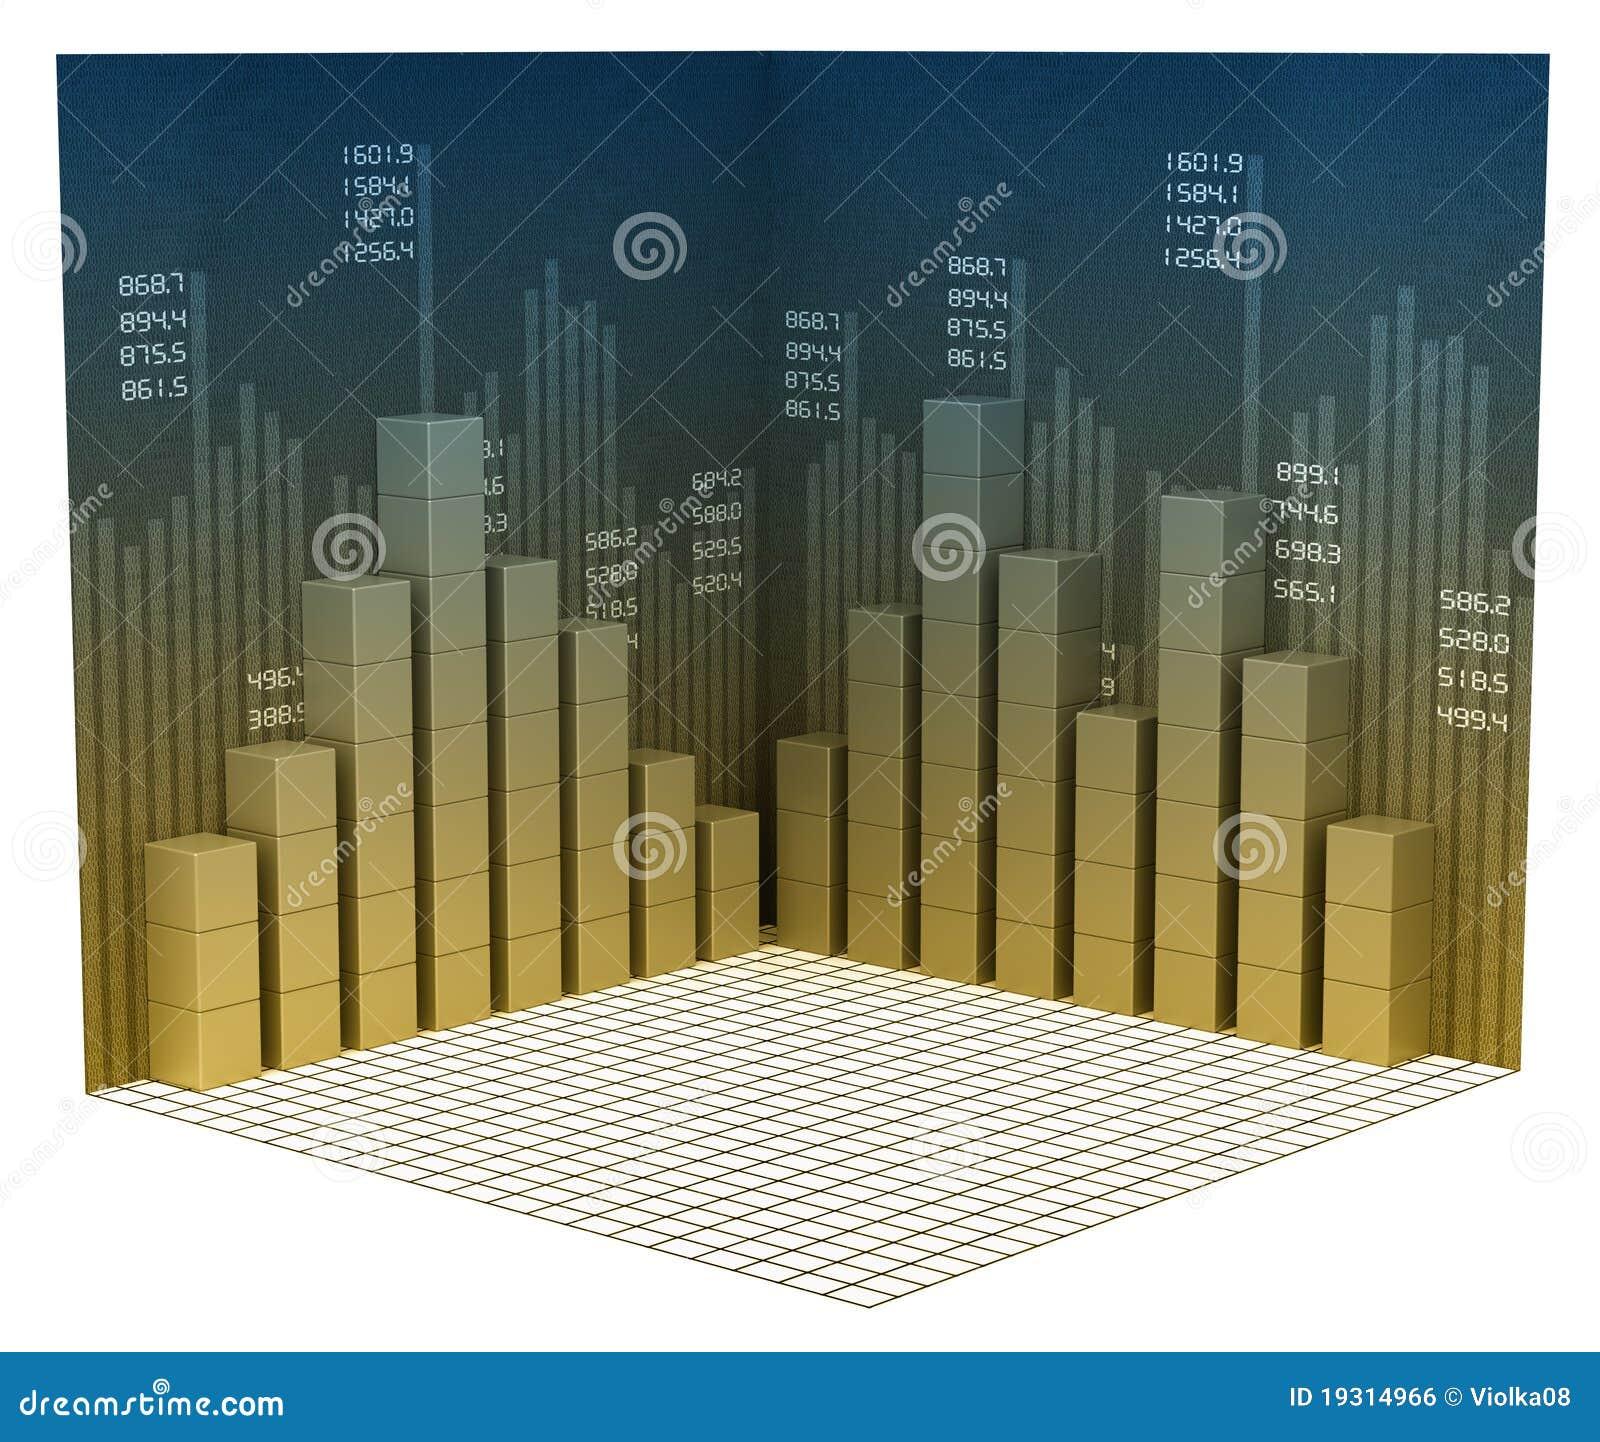 financial bar charts and graphs royalty free stock image